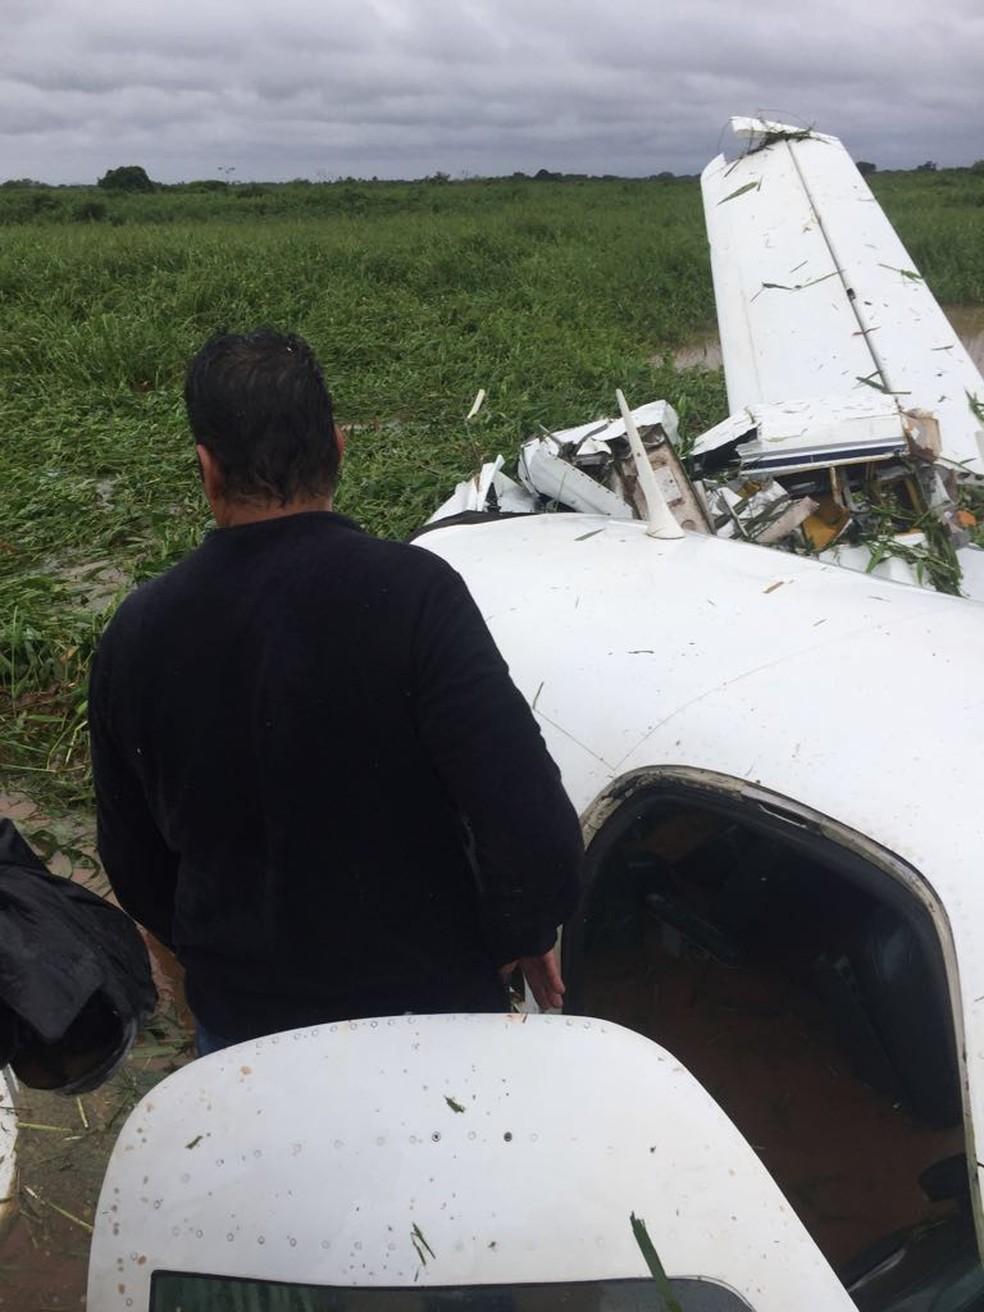 Acidente com aeronave em uma propriedade rural no povoado de Pirigara, em Barão de Melgaço (Foto: Divulgação)